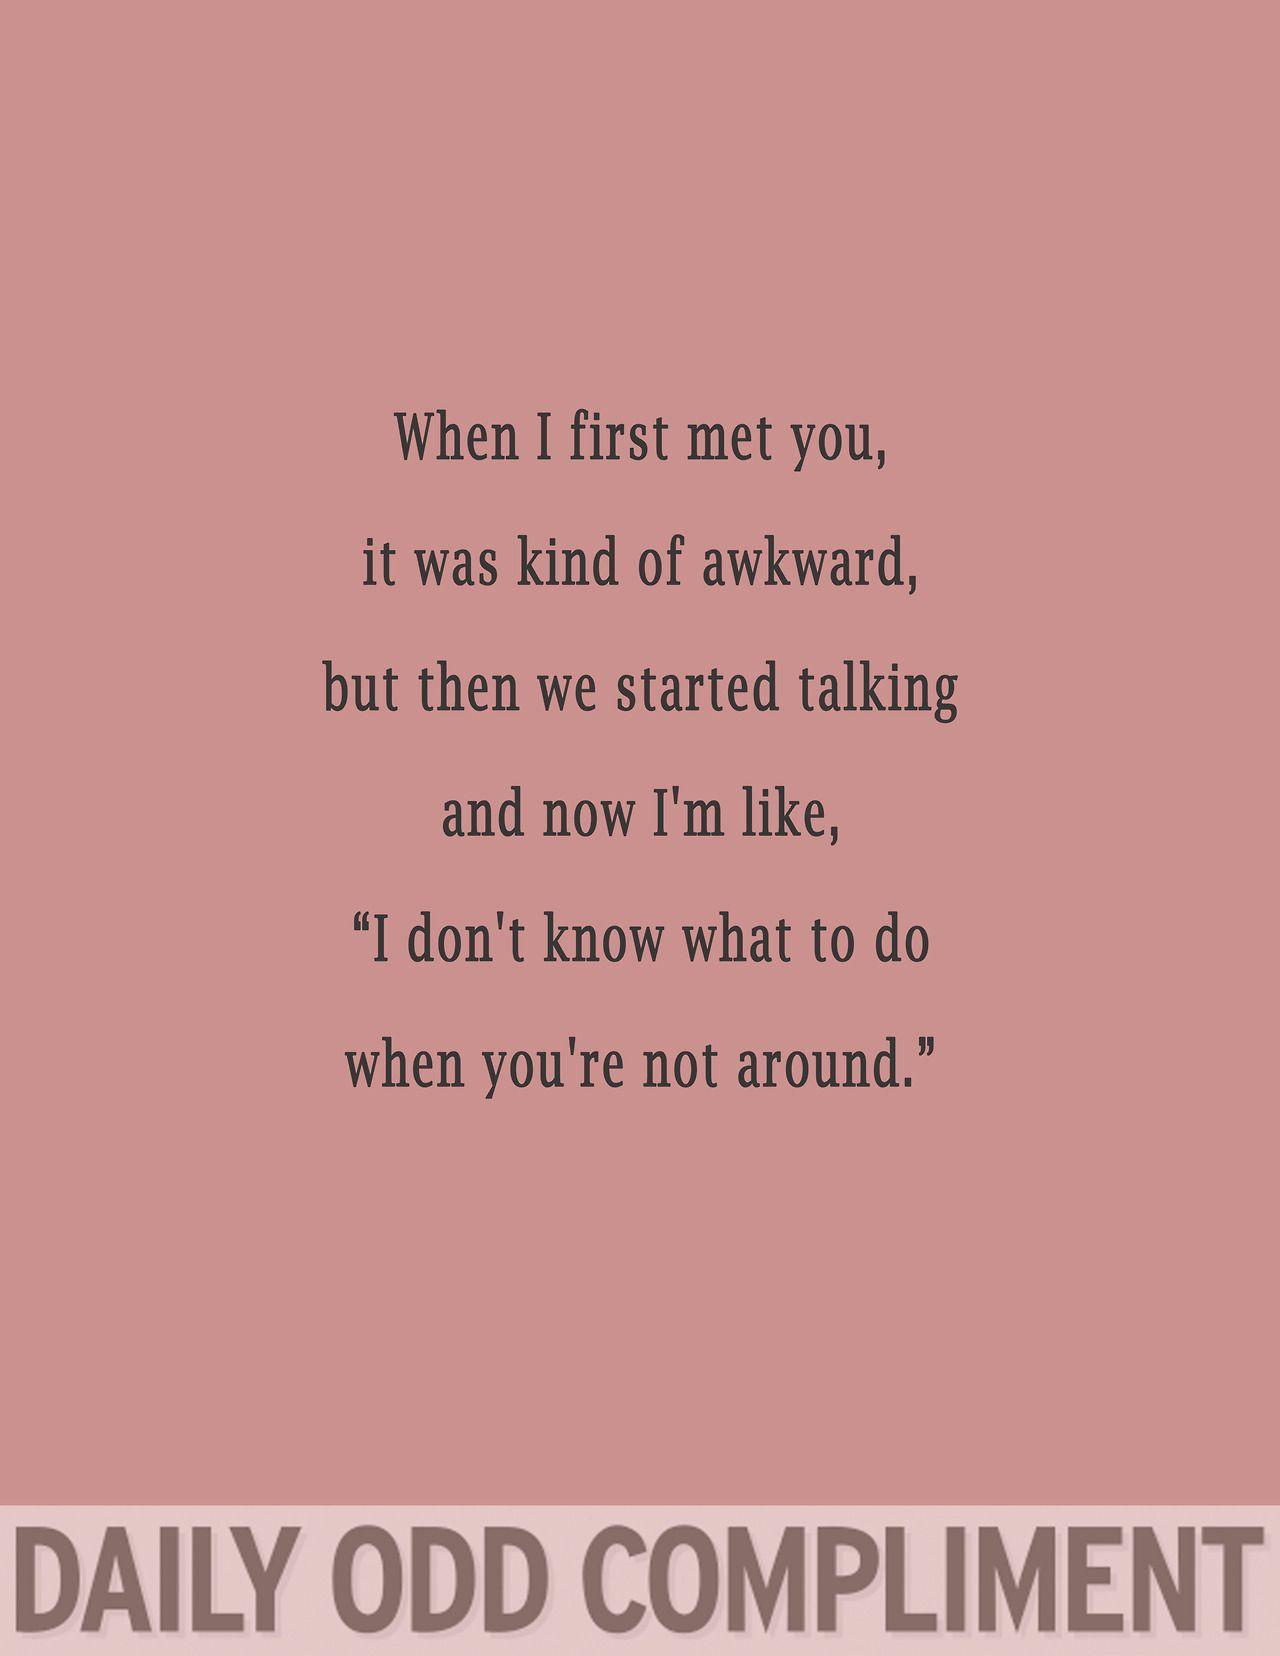 funny how we met stories